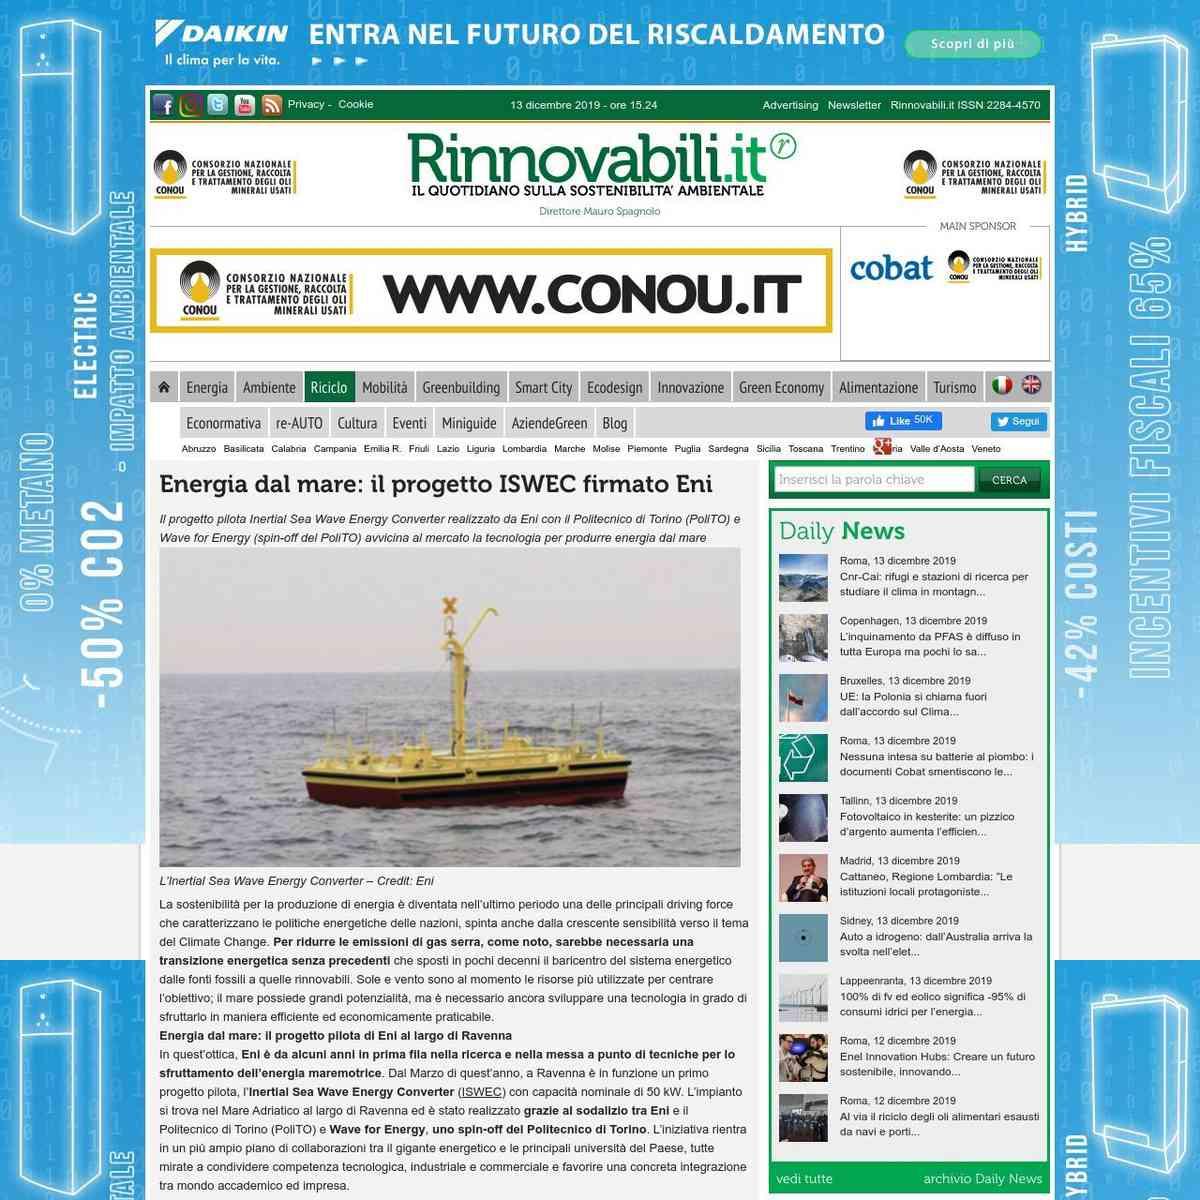 rinnovabili.it/dettaglio-comunicato-stampa/energia-dal-mare-il-progetto-iswec-firmato-eni/